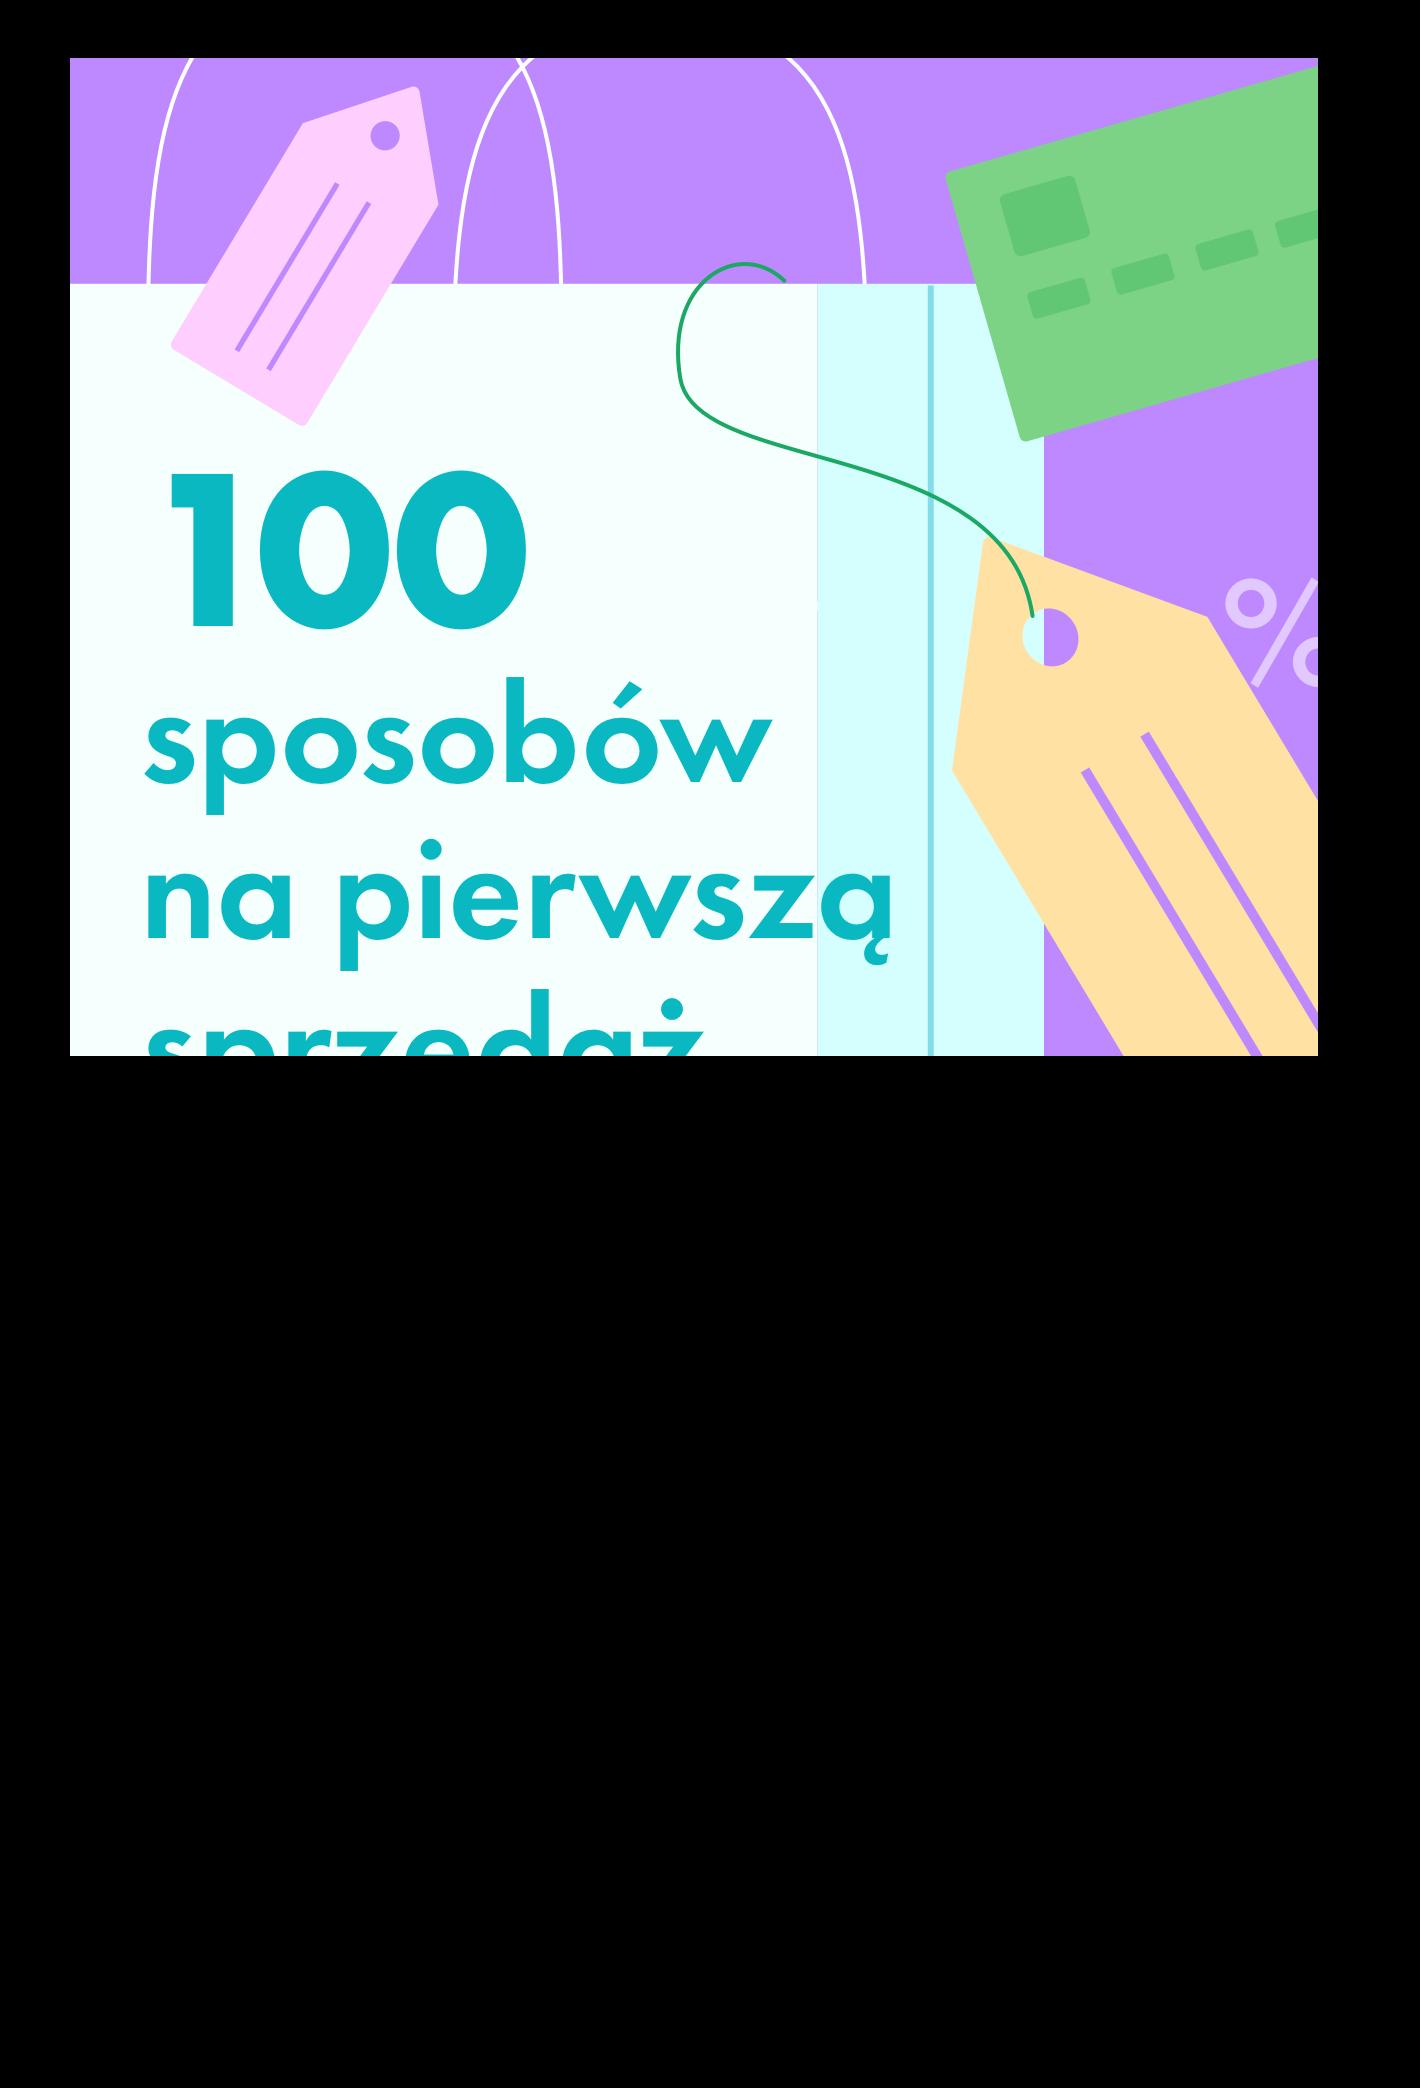 <https://web.shoplo.io/pobierz/100-sposobow-na-pierwsza-sprzedaz>  100 Sposobów na Pierwszą...  Rozpocznij przygodę z ecommerce Pobierz <https://web.shoplo.io/pobierz/100-sposobow-na-pierwsza-sprzedaz>